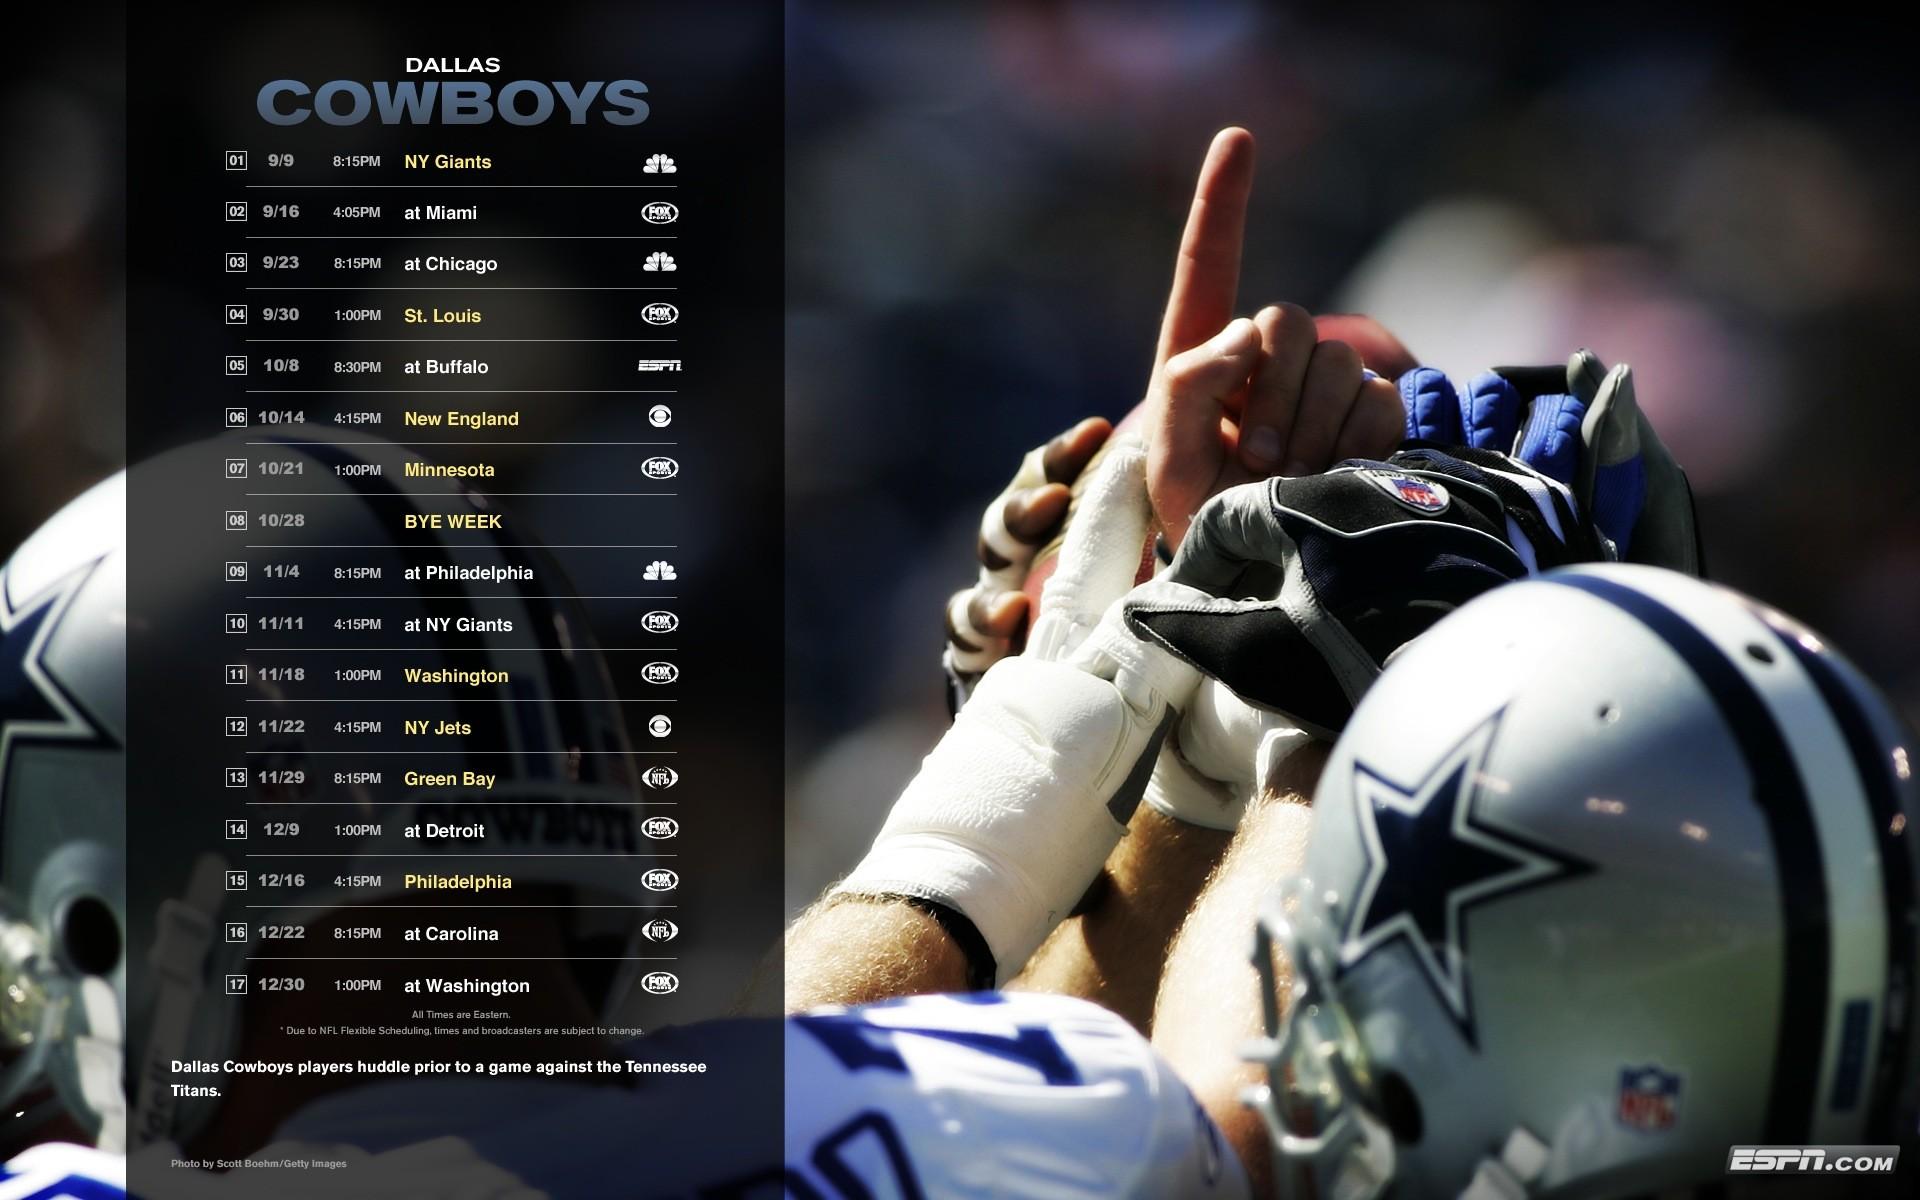 Download Dallas Cowboys Wallpaper Dallas Cowboys Wallpaper